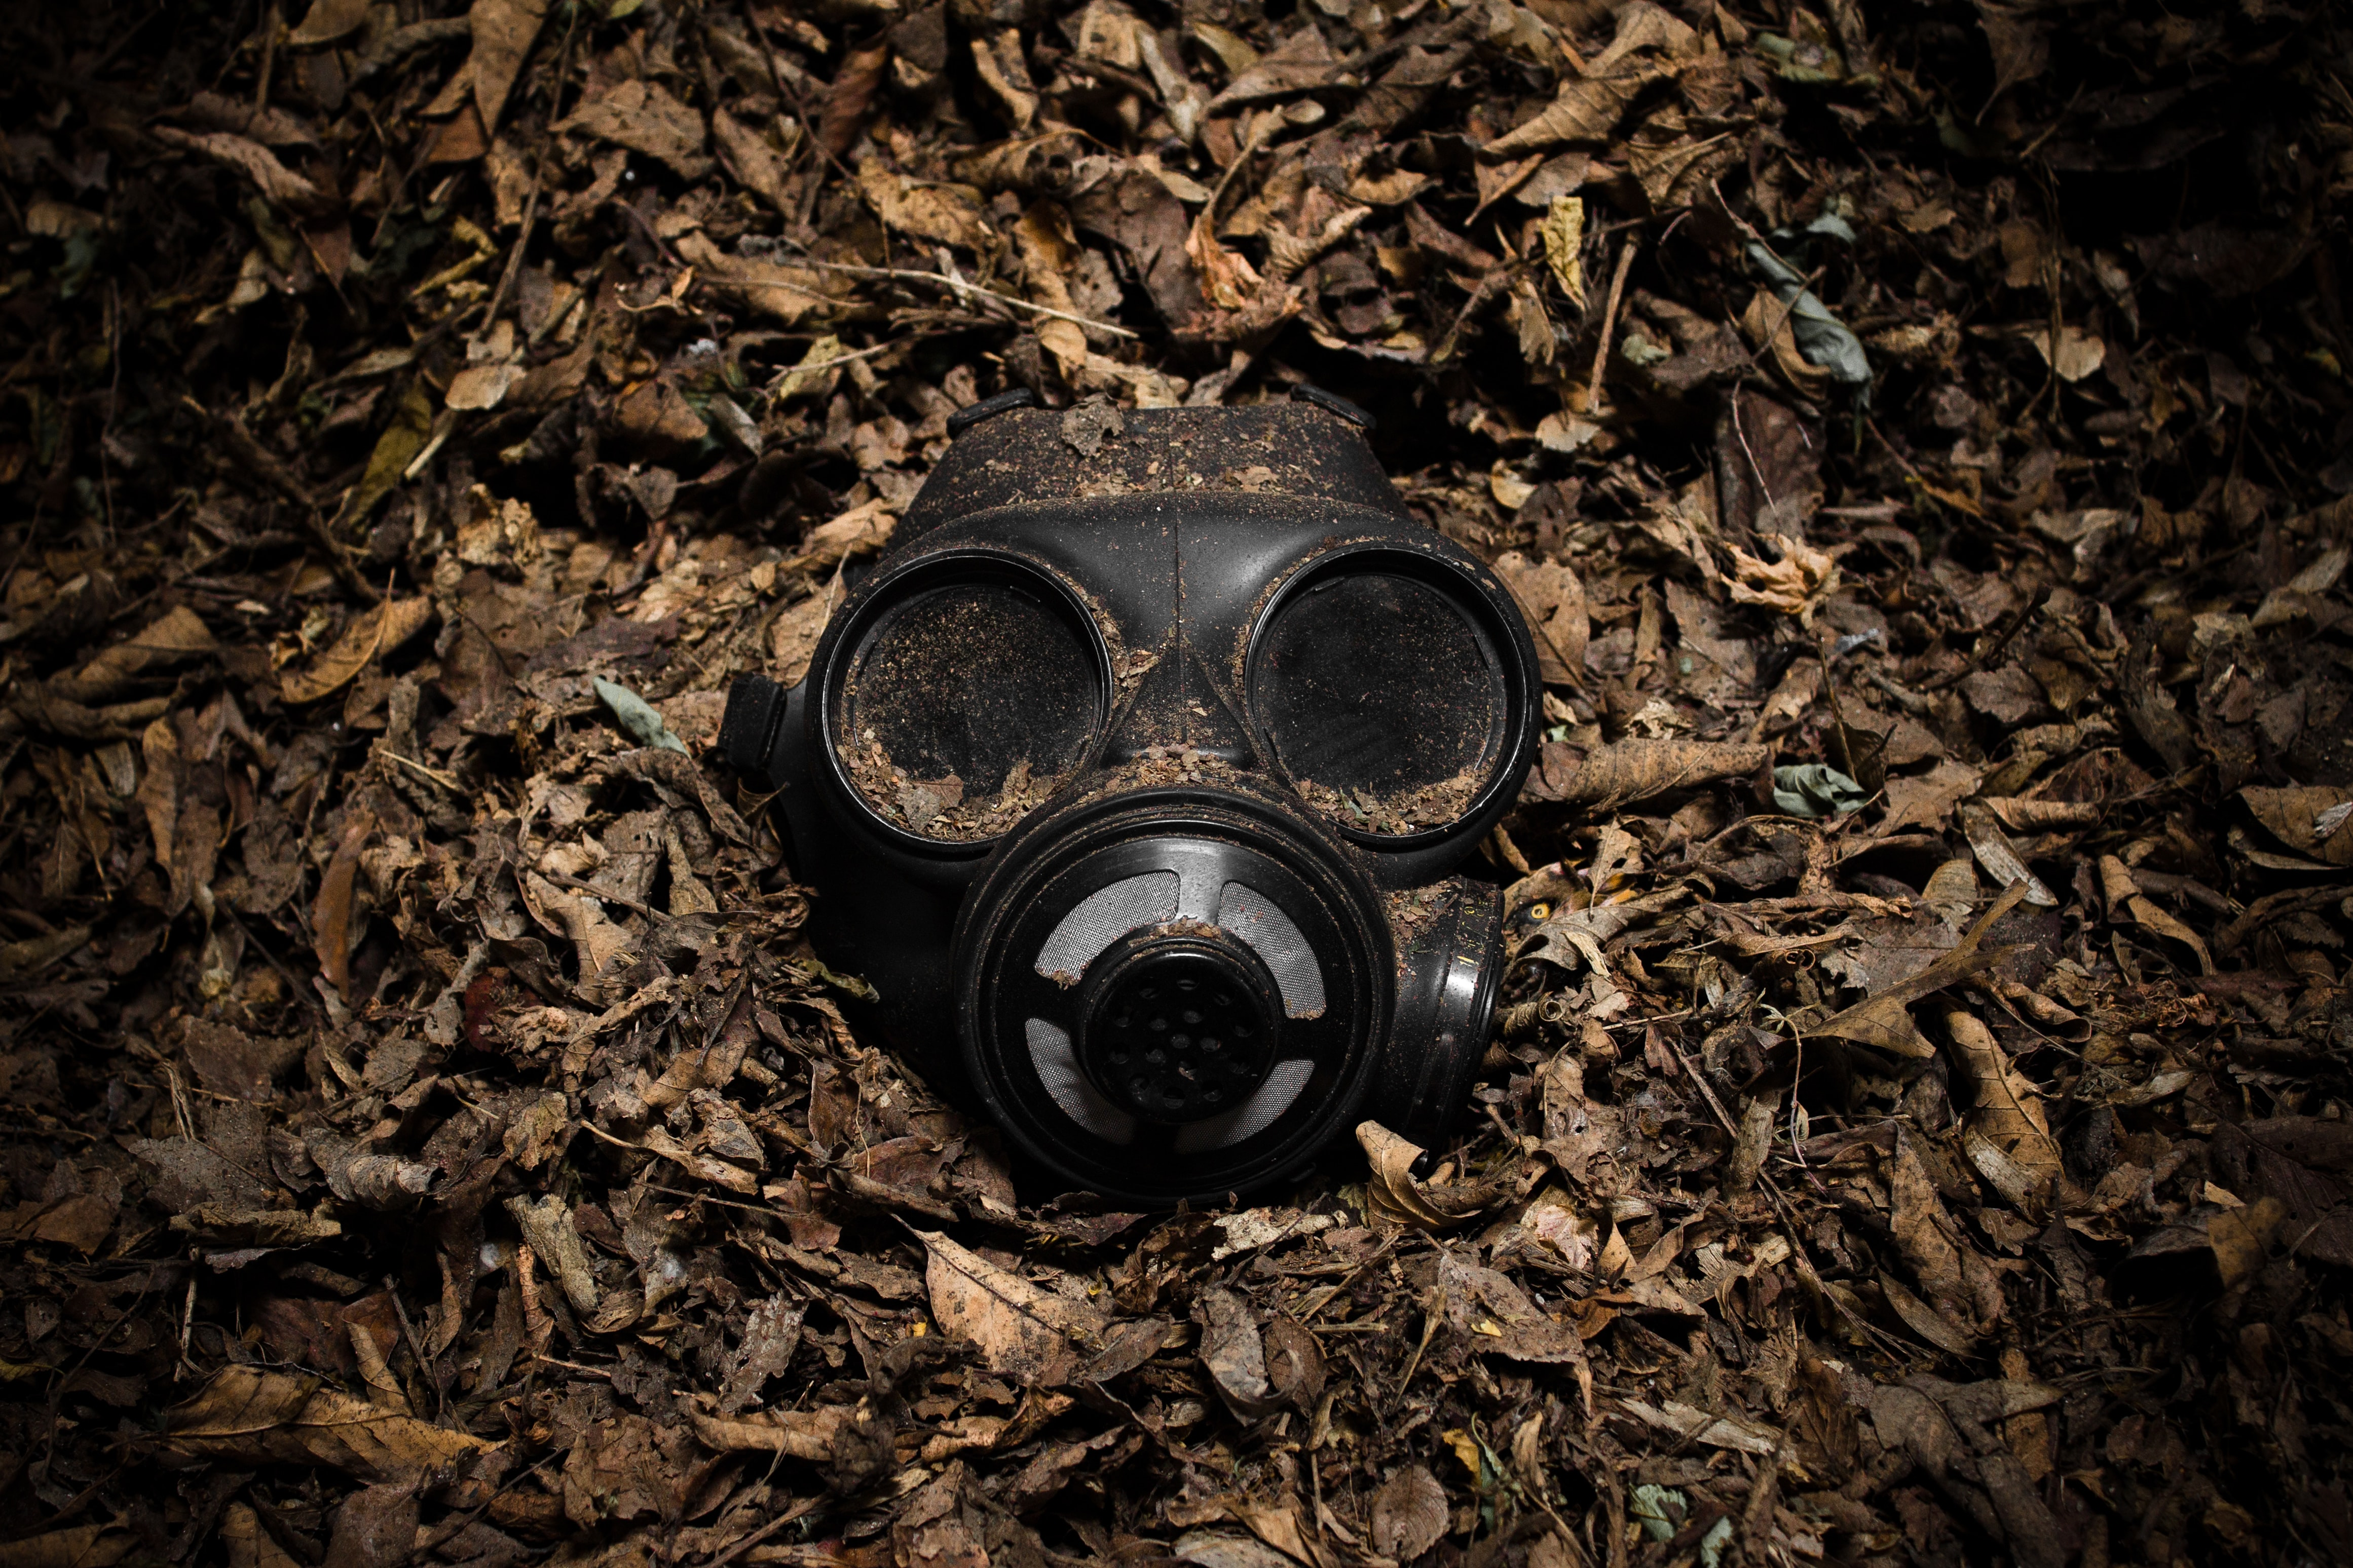 closeup photography of bong mask